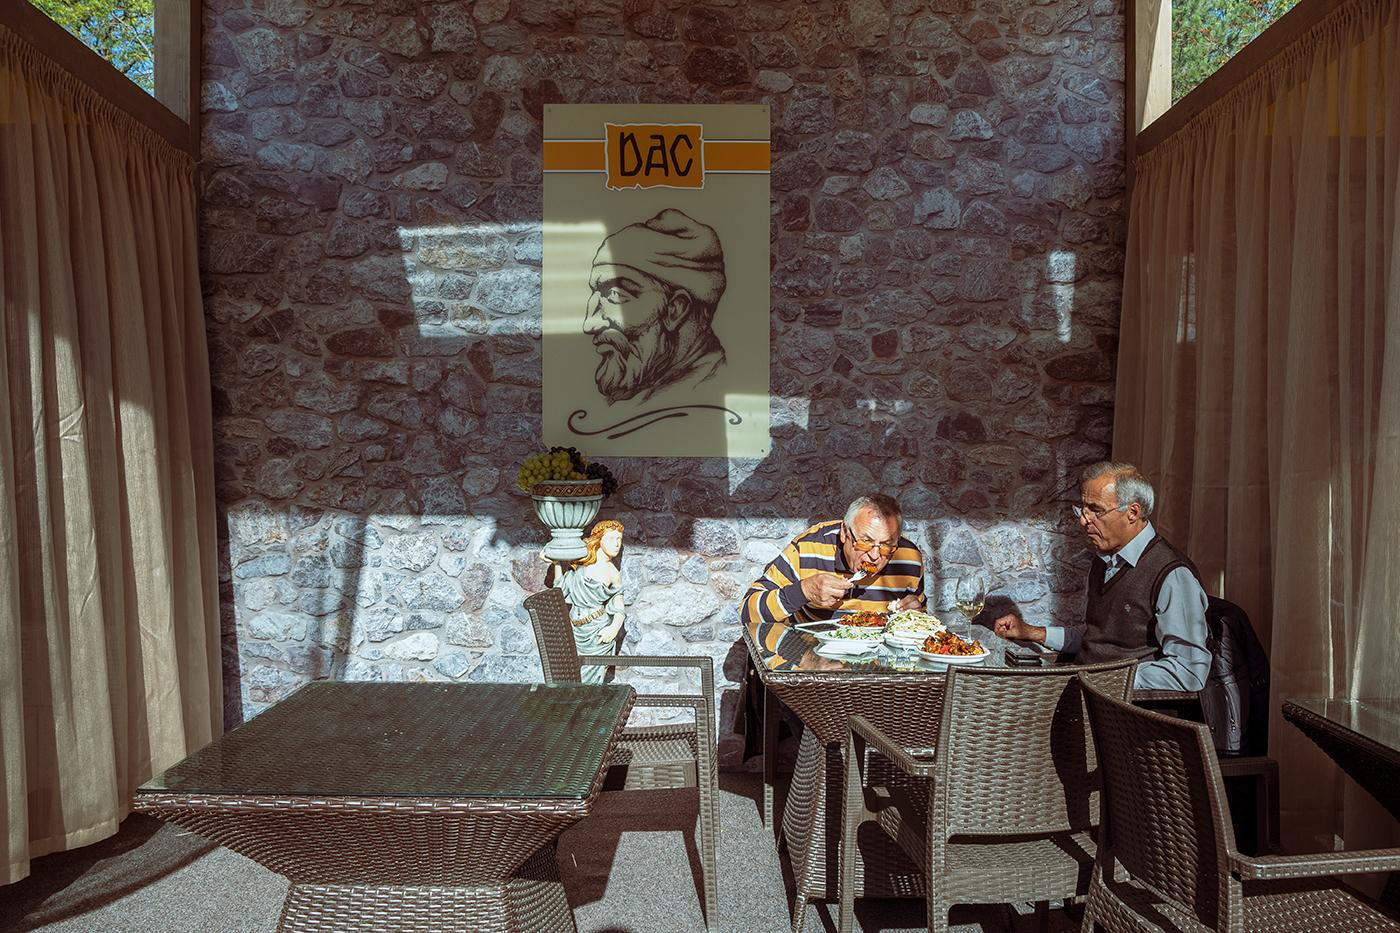 Пьющая Молдова Молдове, Национального, разве, Молдова, накануне, Пьющая, предложитьприложить, графином, холодного, могли, красе, ярчайший, канале, Петенька, Планетка, Смотрим, серии, новой, погреб, представитель